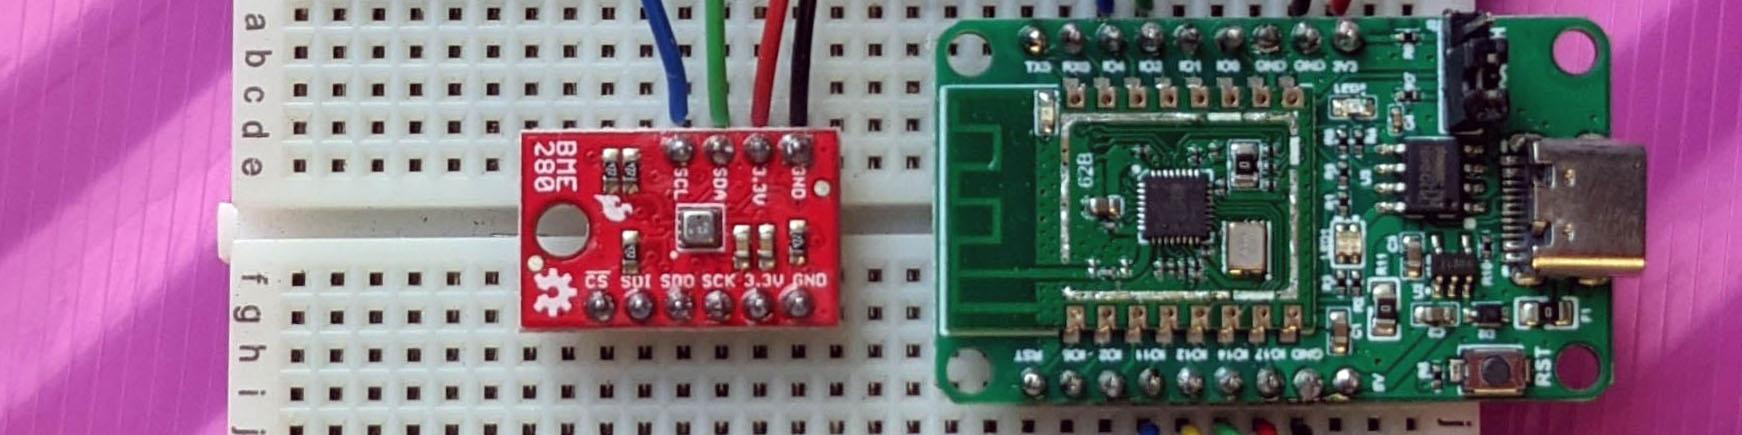 I2C on BL602